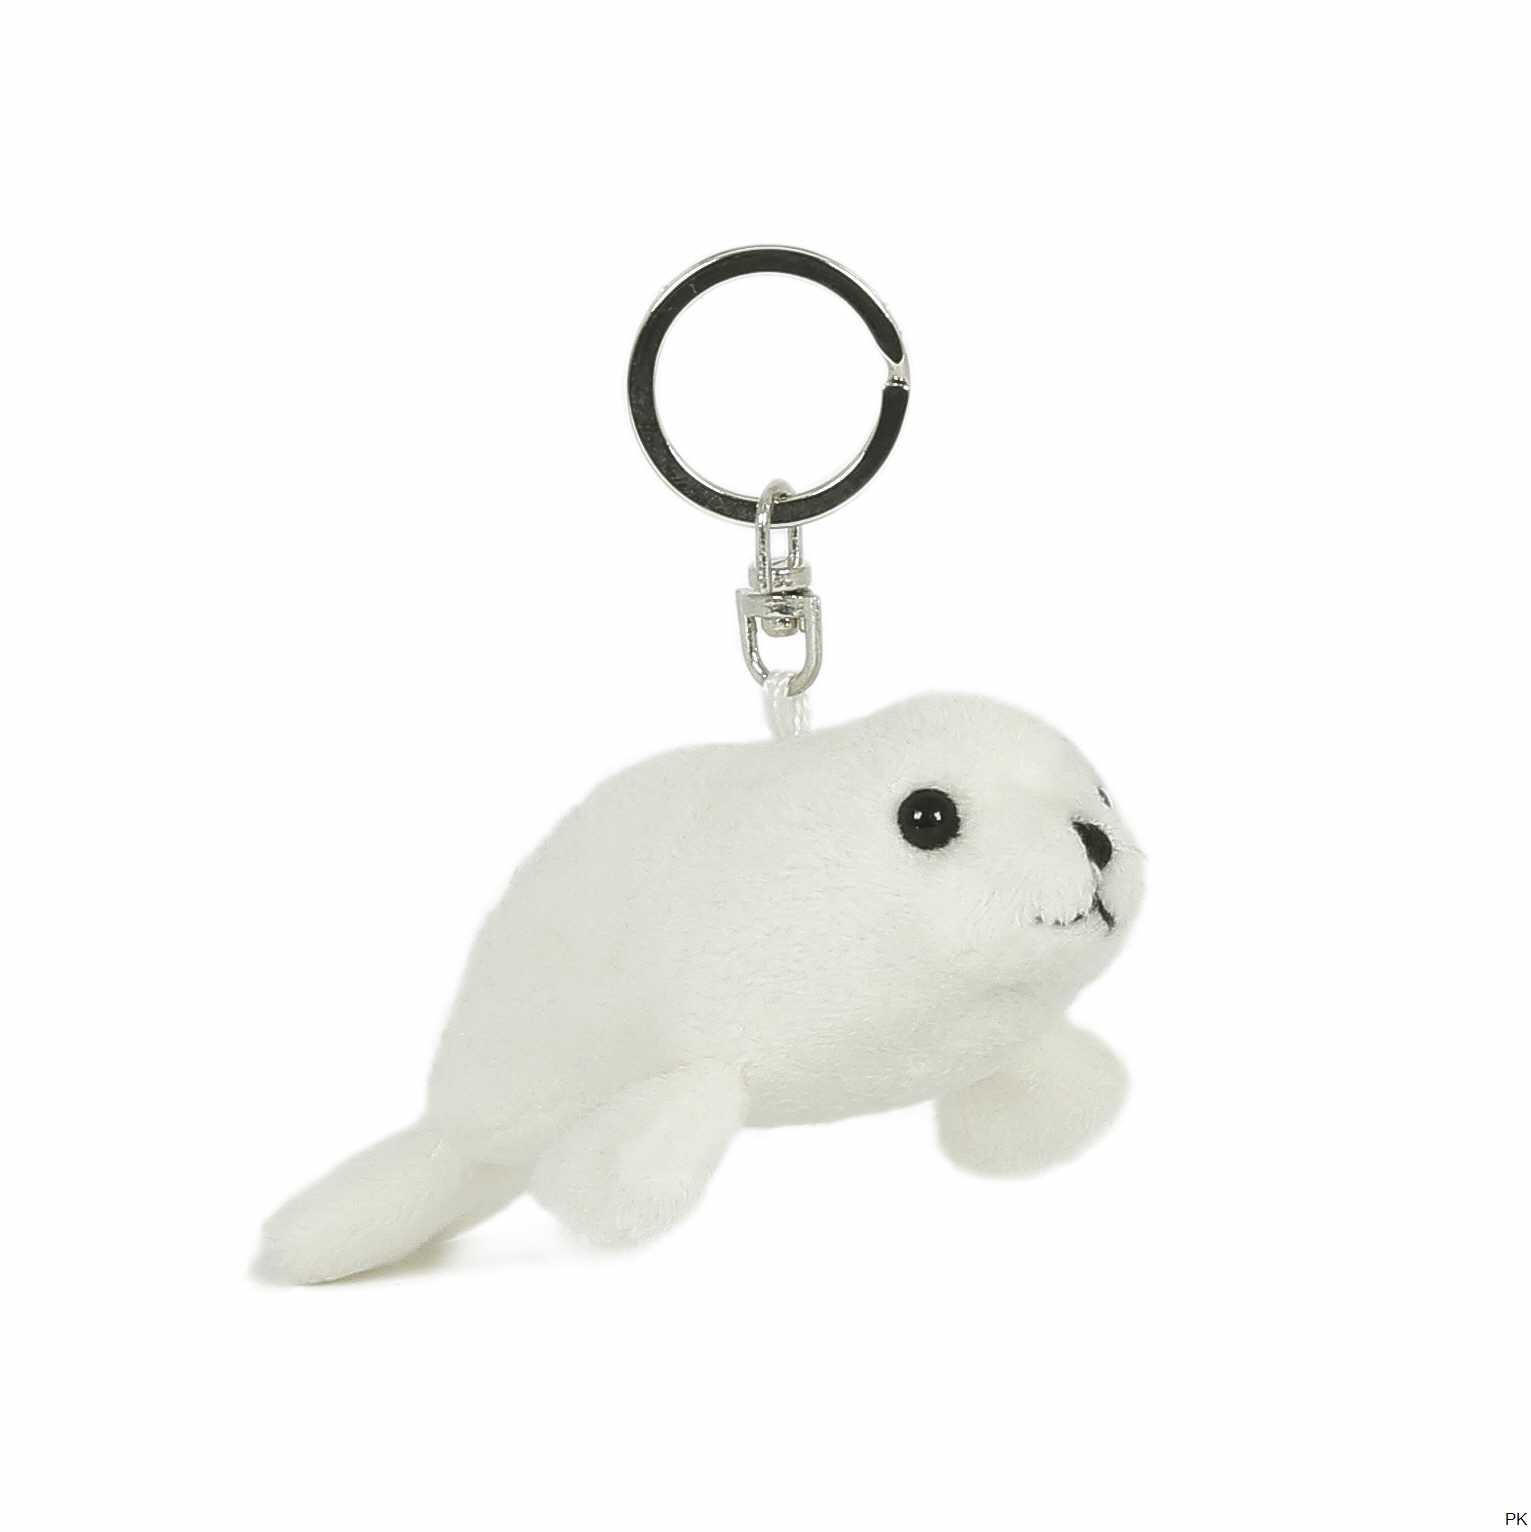 NEU WWF Plüschtier Walross Stofftiere Seelöwe oder Robbe Kuscheltier Plüsch Seerobbe